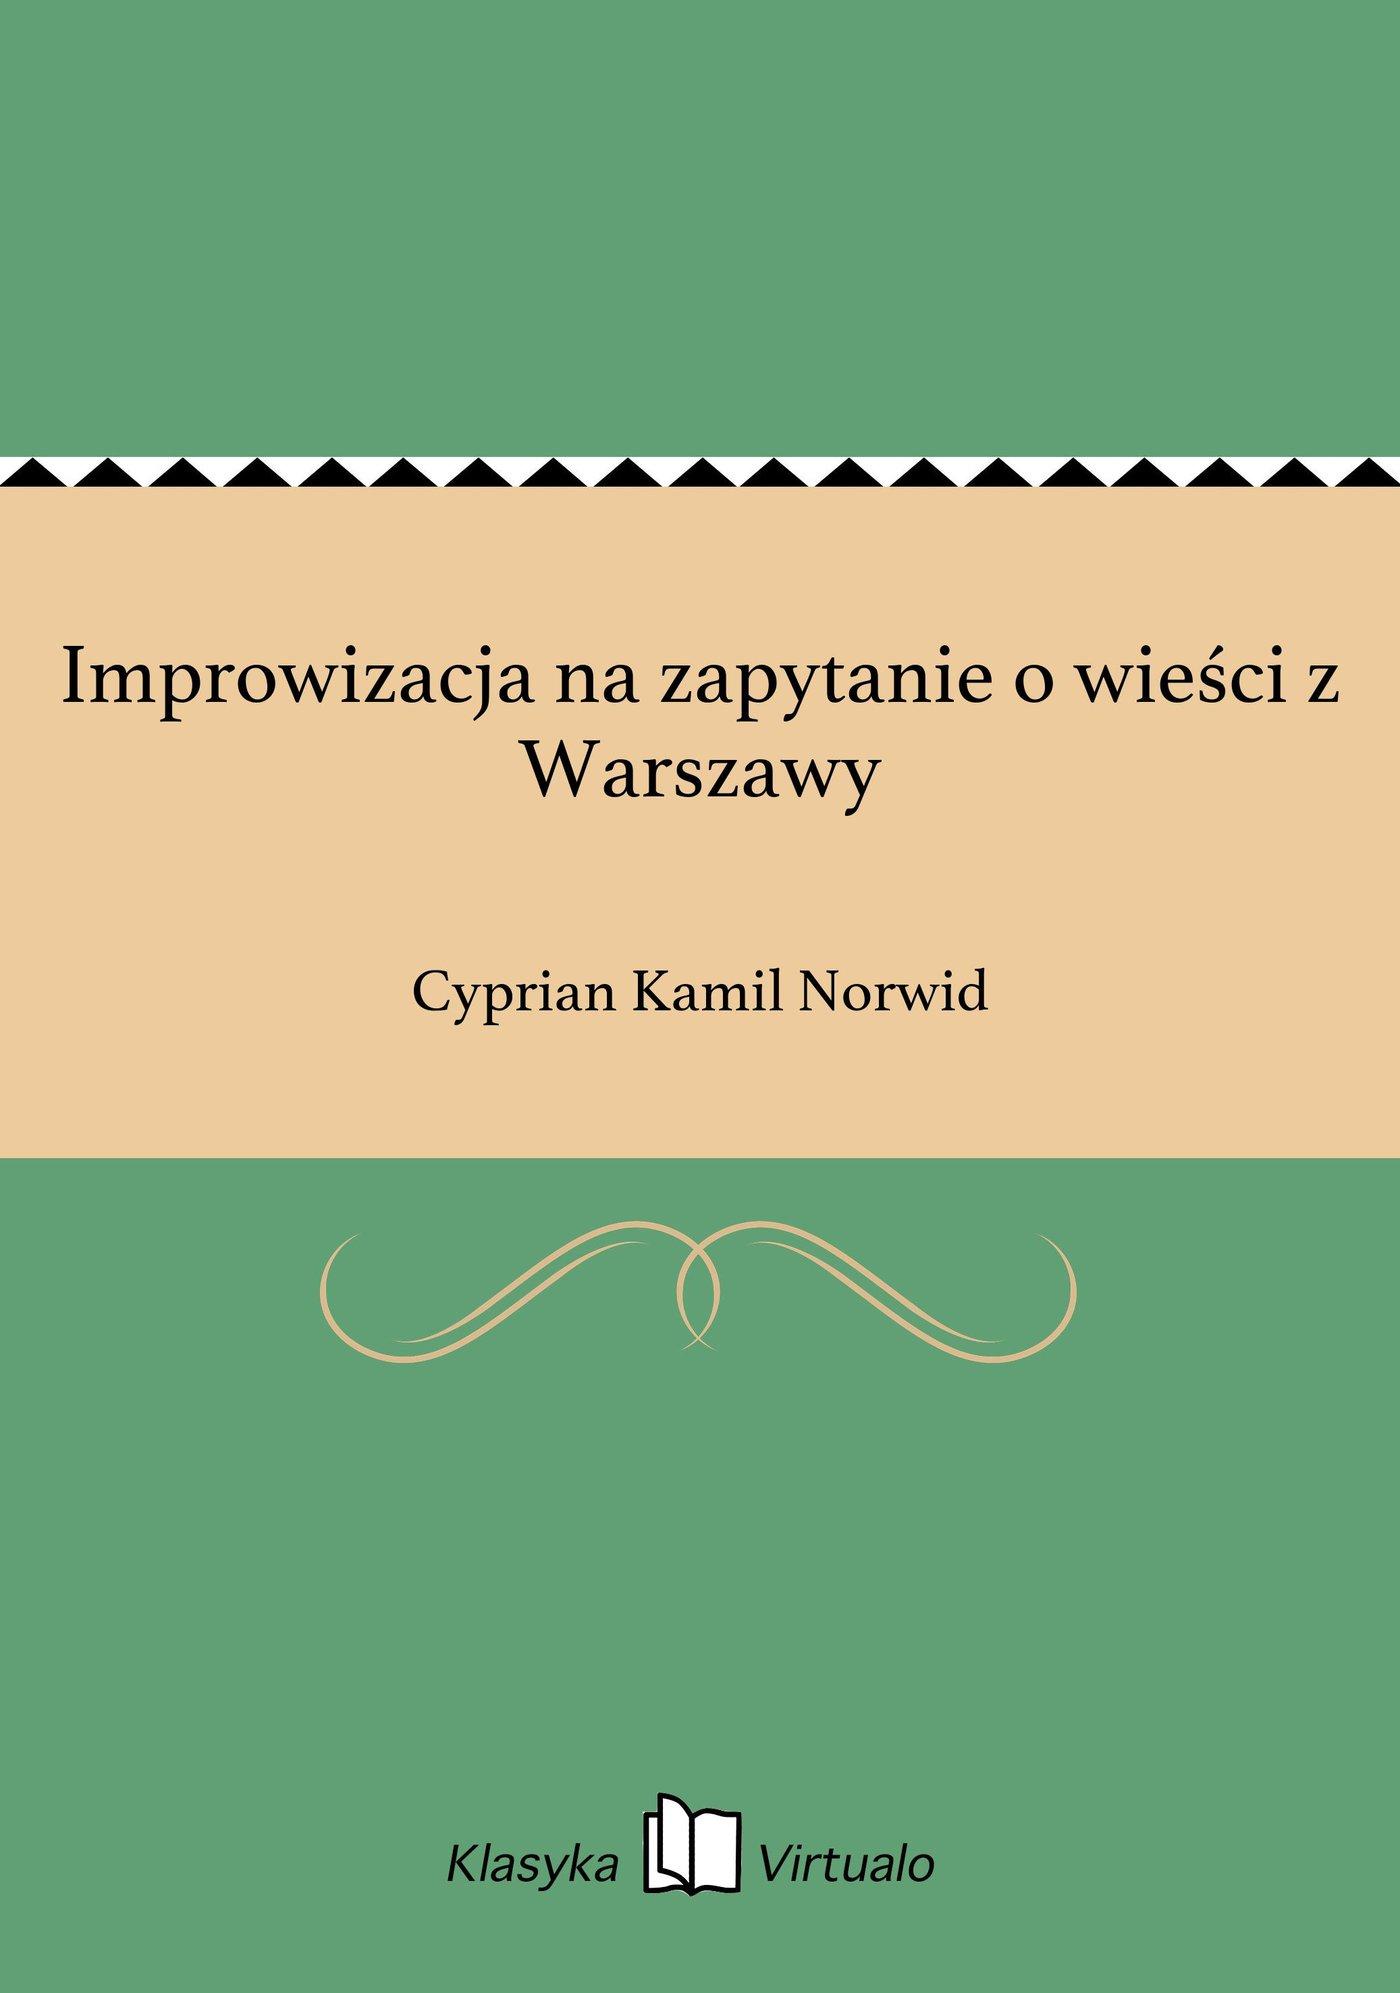 Improwizacja na zapytanie o wieści z Warszawy - Ebook (Książka EPUB) do pobrania w formacie EPUB